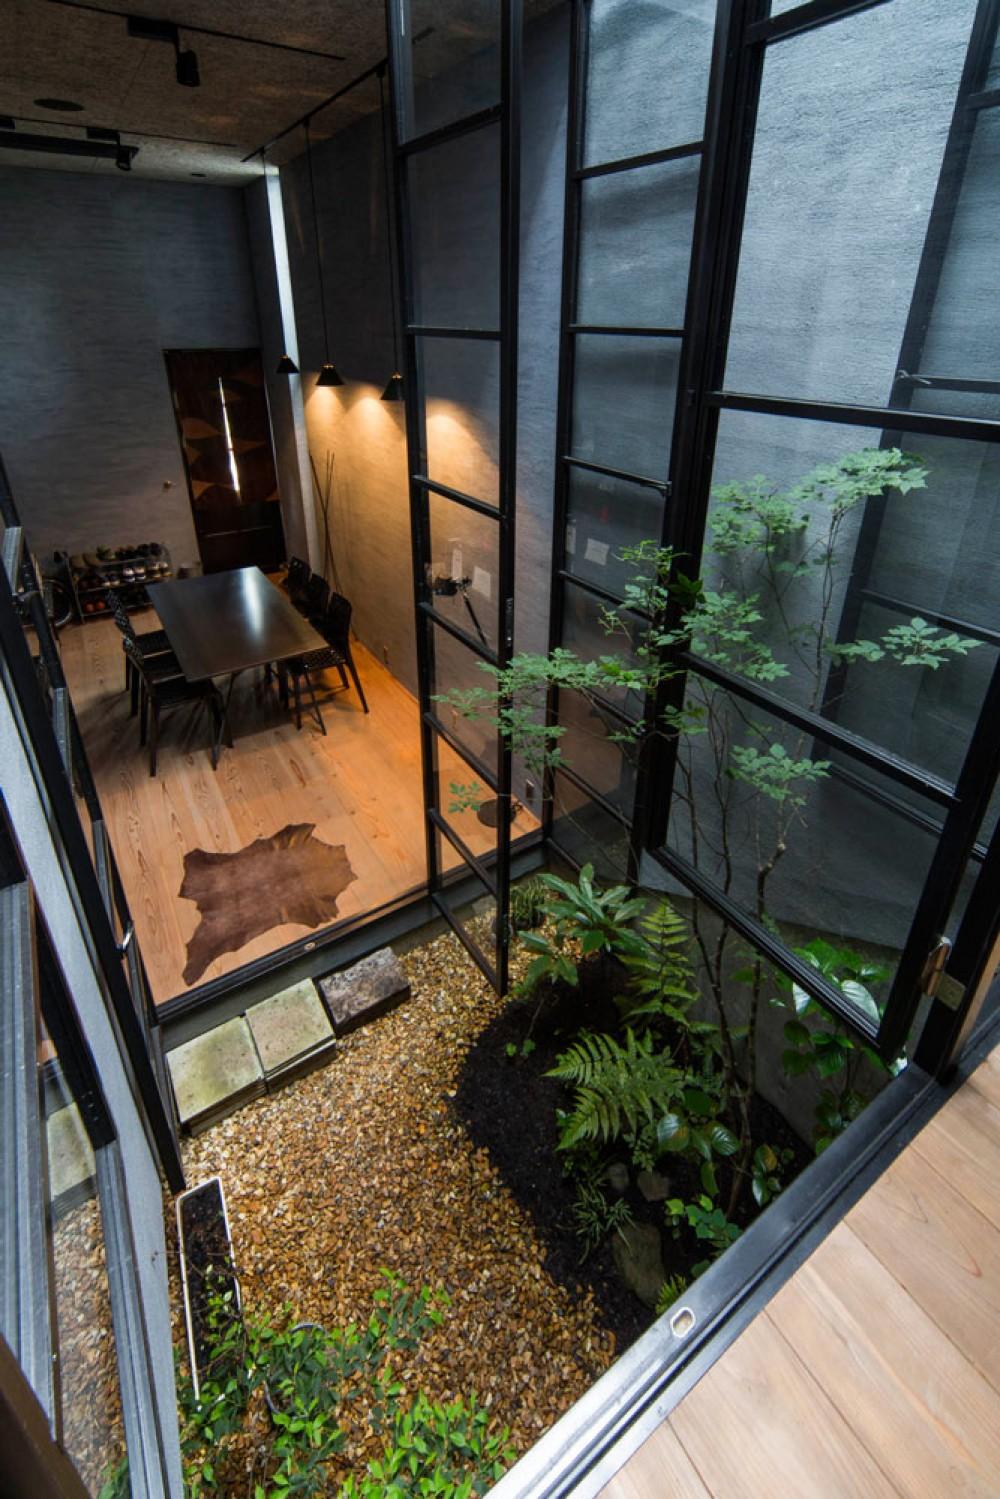 Căn nhà ống kín như bưng nhưng bên trong lại tràn ngập ánh sáng tự nhiên đến khó tin ở Nhật - Ảnh 3.